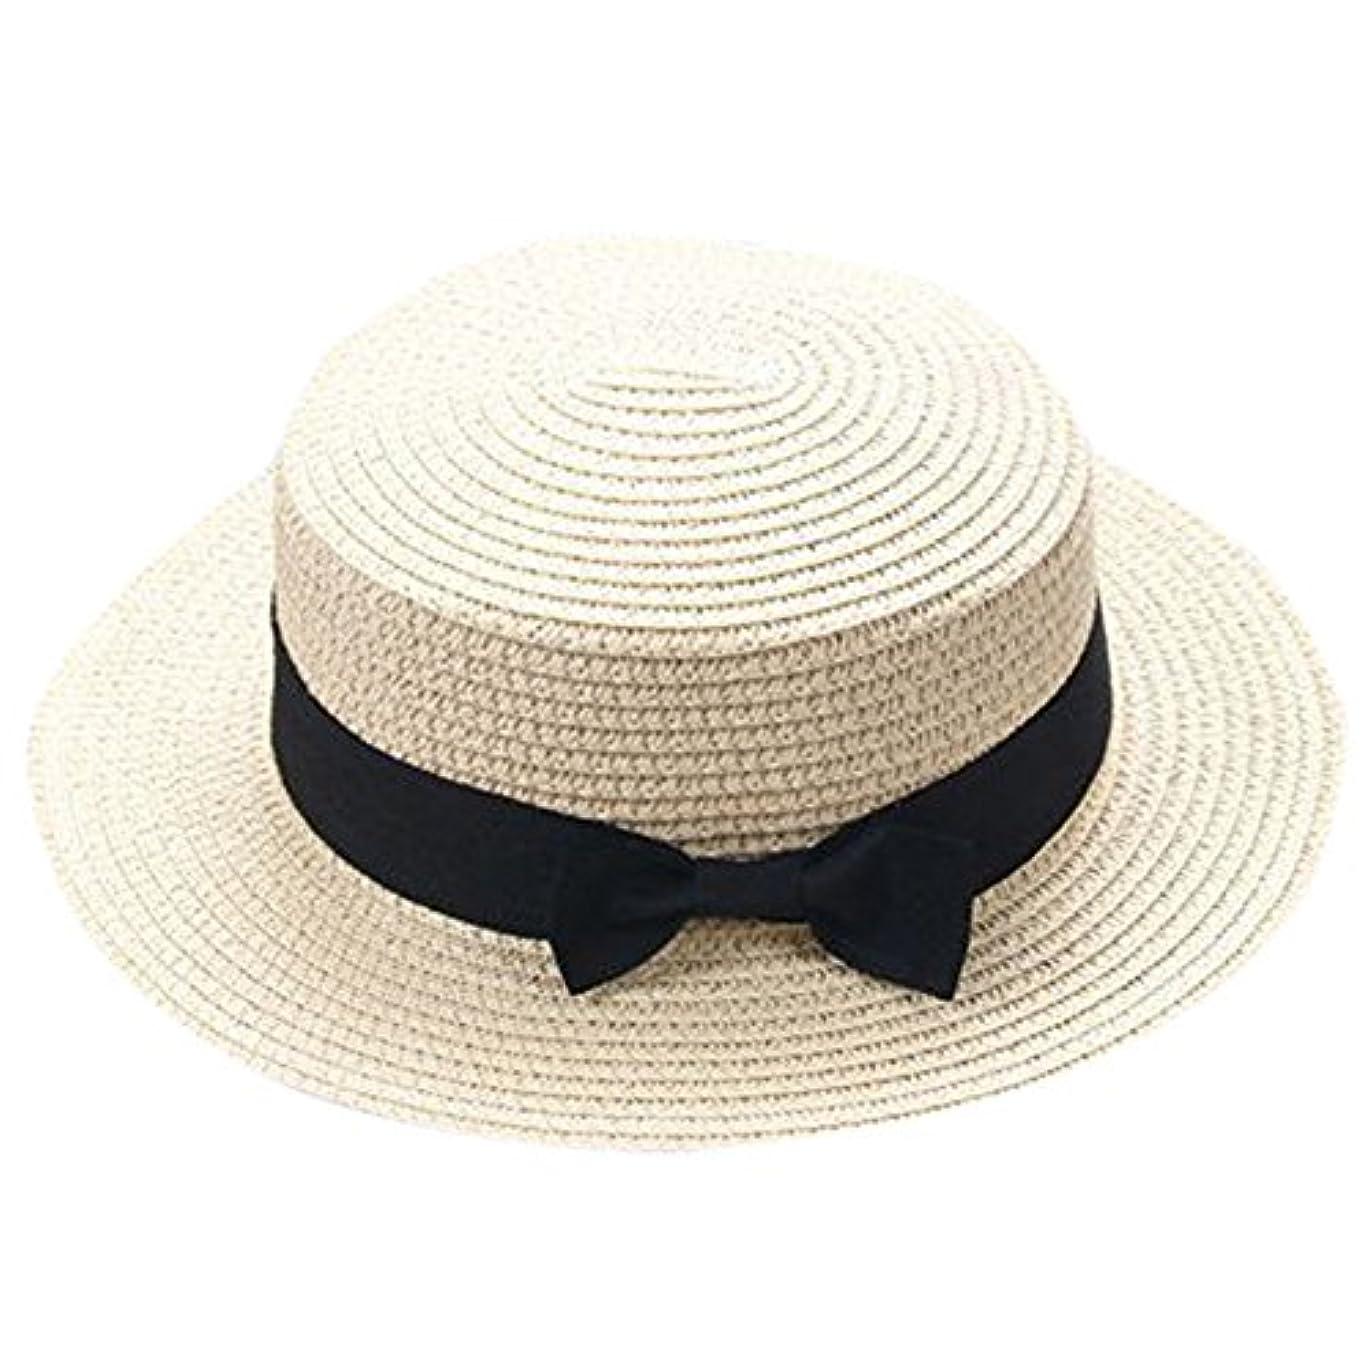 ネックレット水星運命キャップ キッズ 日よけ 帽子 小顔効果抜群 旅行用 日よけ 夏 ビーチ 海辺 かわいい リゾート 紫外線対策 男女兼用 日焼け防止 熱中症予防 取り外すあご紐 つば広 おしゃれ 可愛い 夏 ROSE ROMAN